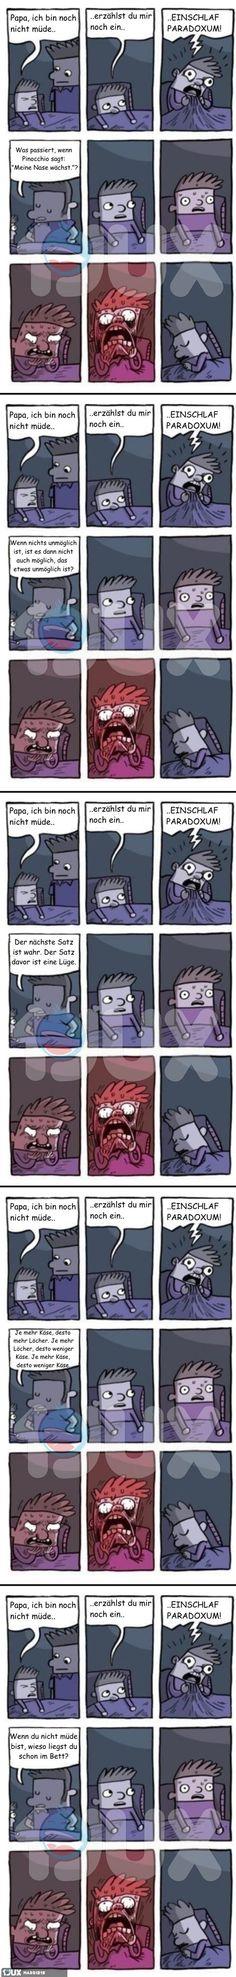 Das Einschlaf-Paradox!